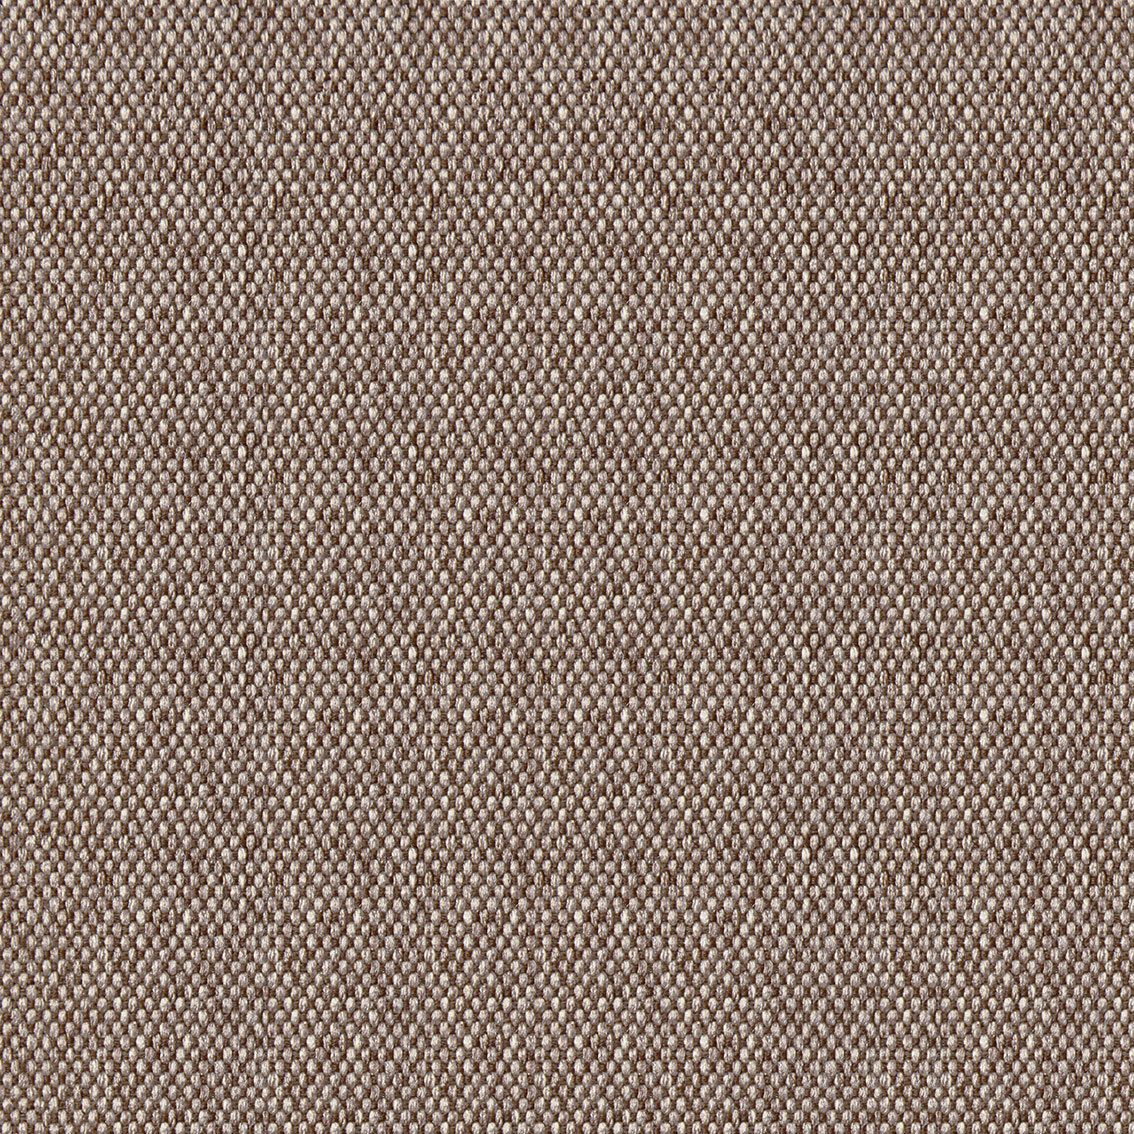 Коллекция ткани Leroy 302,  купить ткань Рогожка для мебели Украина